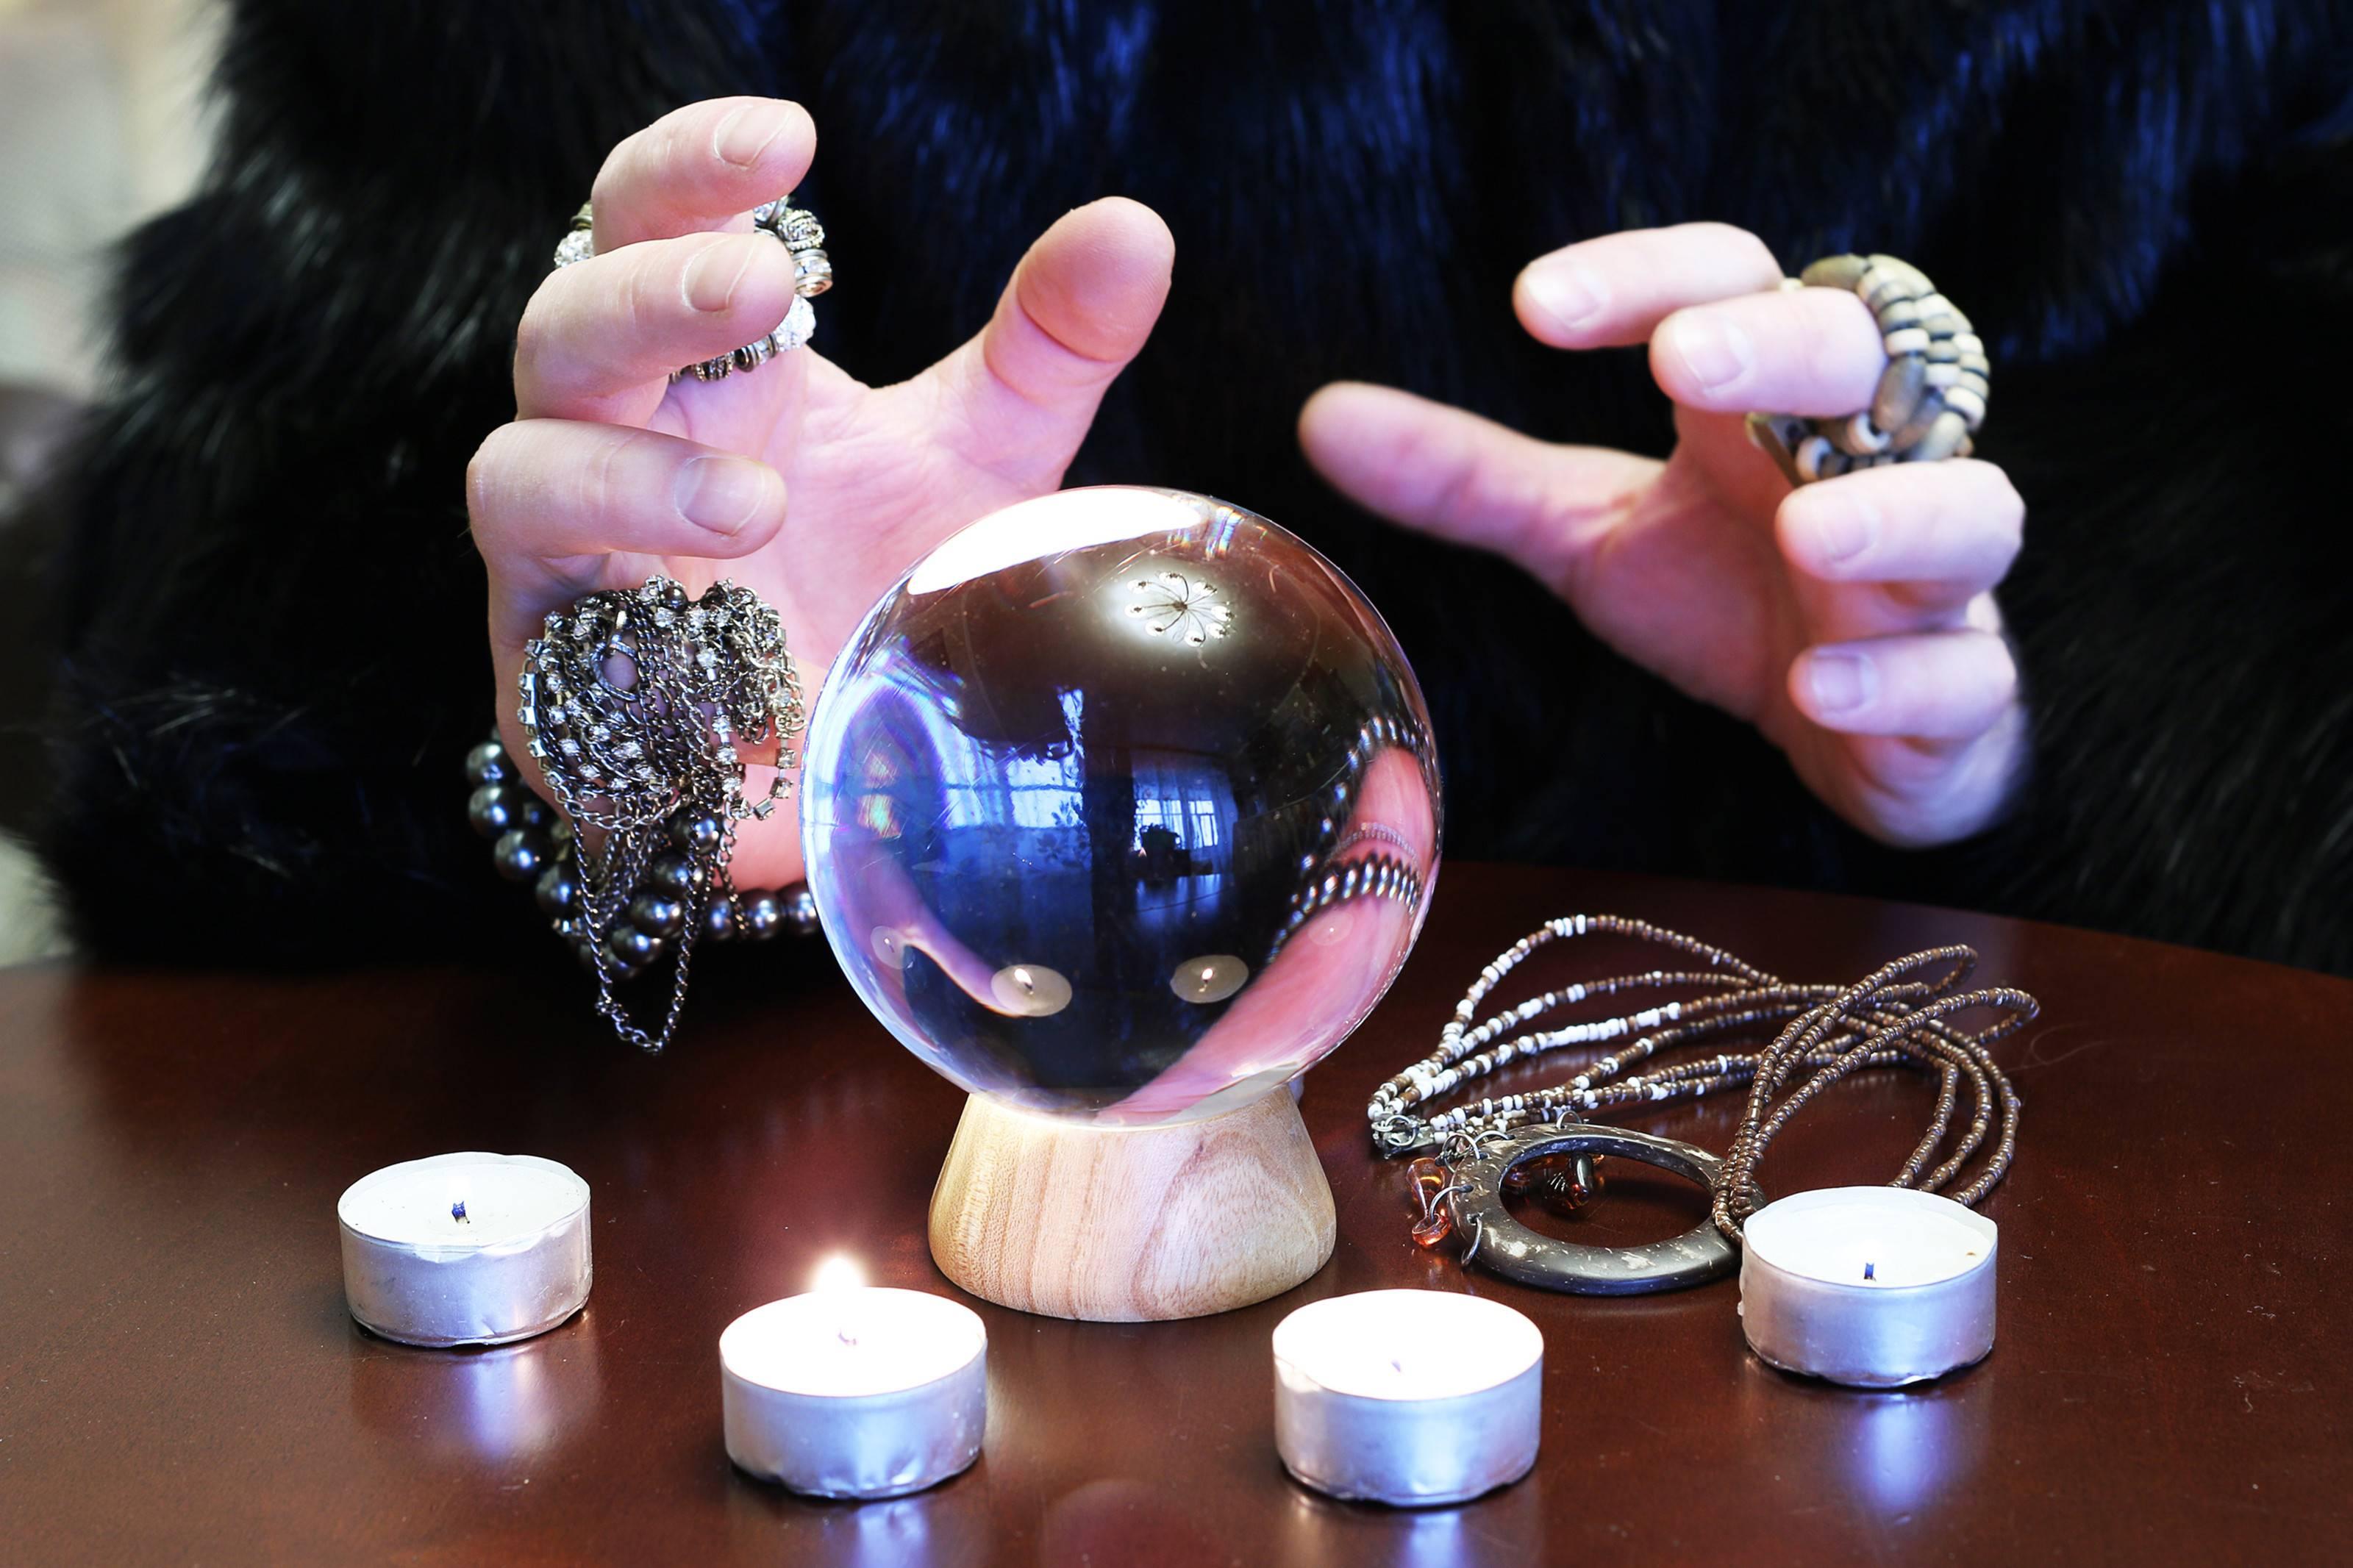 Магический шар и практика - бесплатные статьи по магии дом солнца